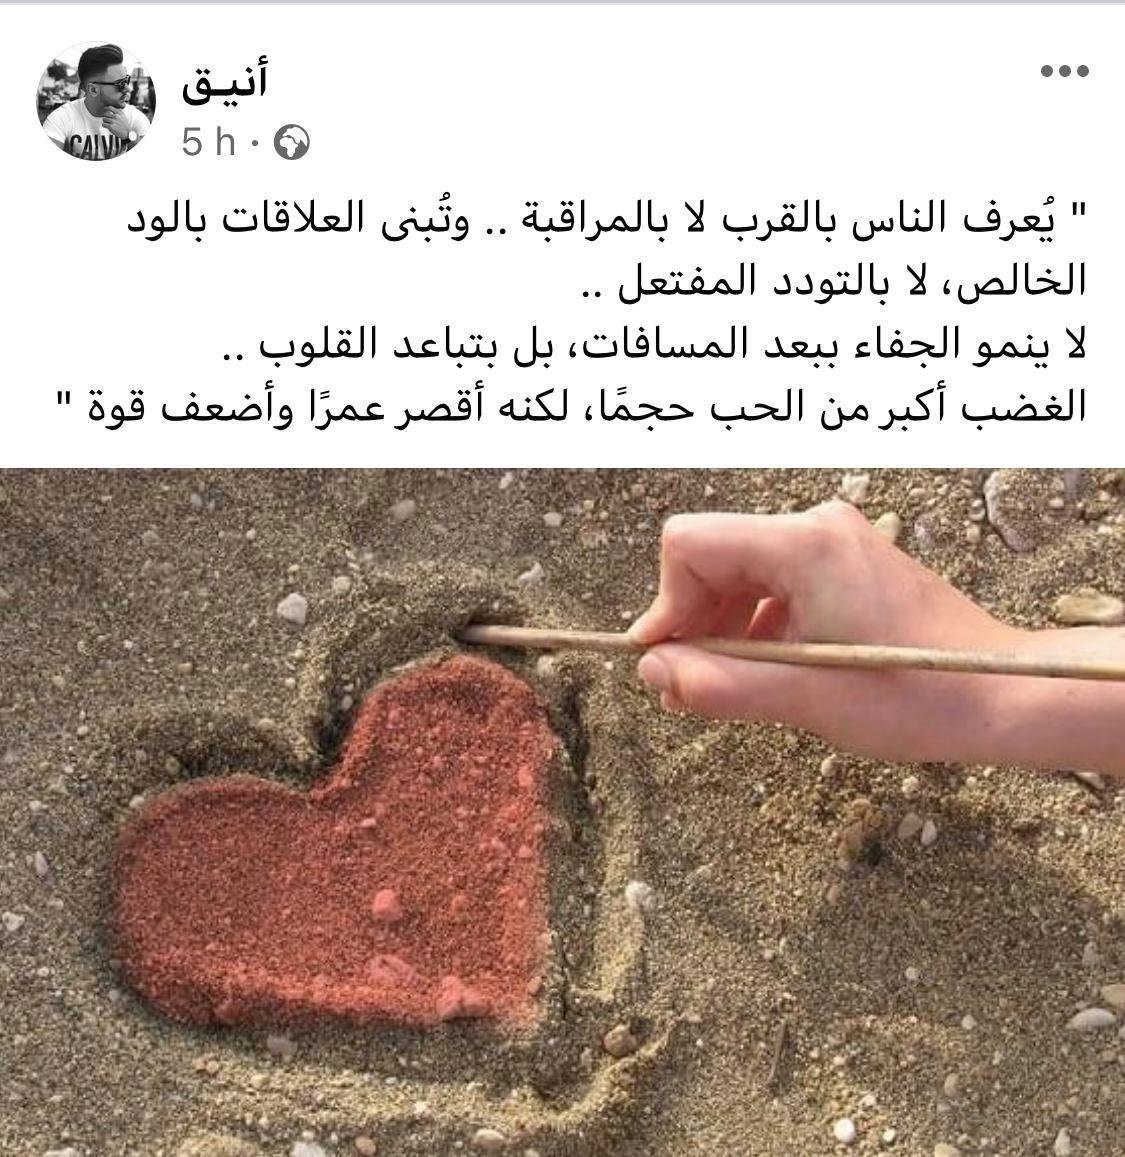 ي عرف الناس بالقرب لا بالمراقبة وت بنى العلاقات بالود الخالص لا بالتودد المفتعل لا ينمو الجفاء ببعد المسافات بل بتباعد القلوب الغضب أكبر من الحب حج In 2021